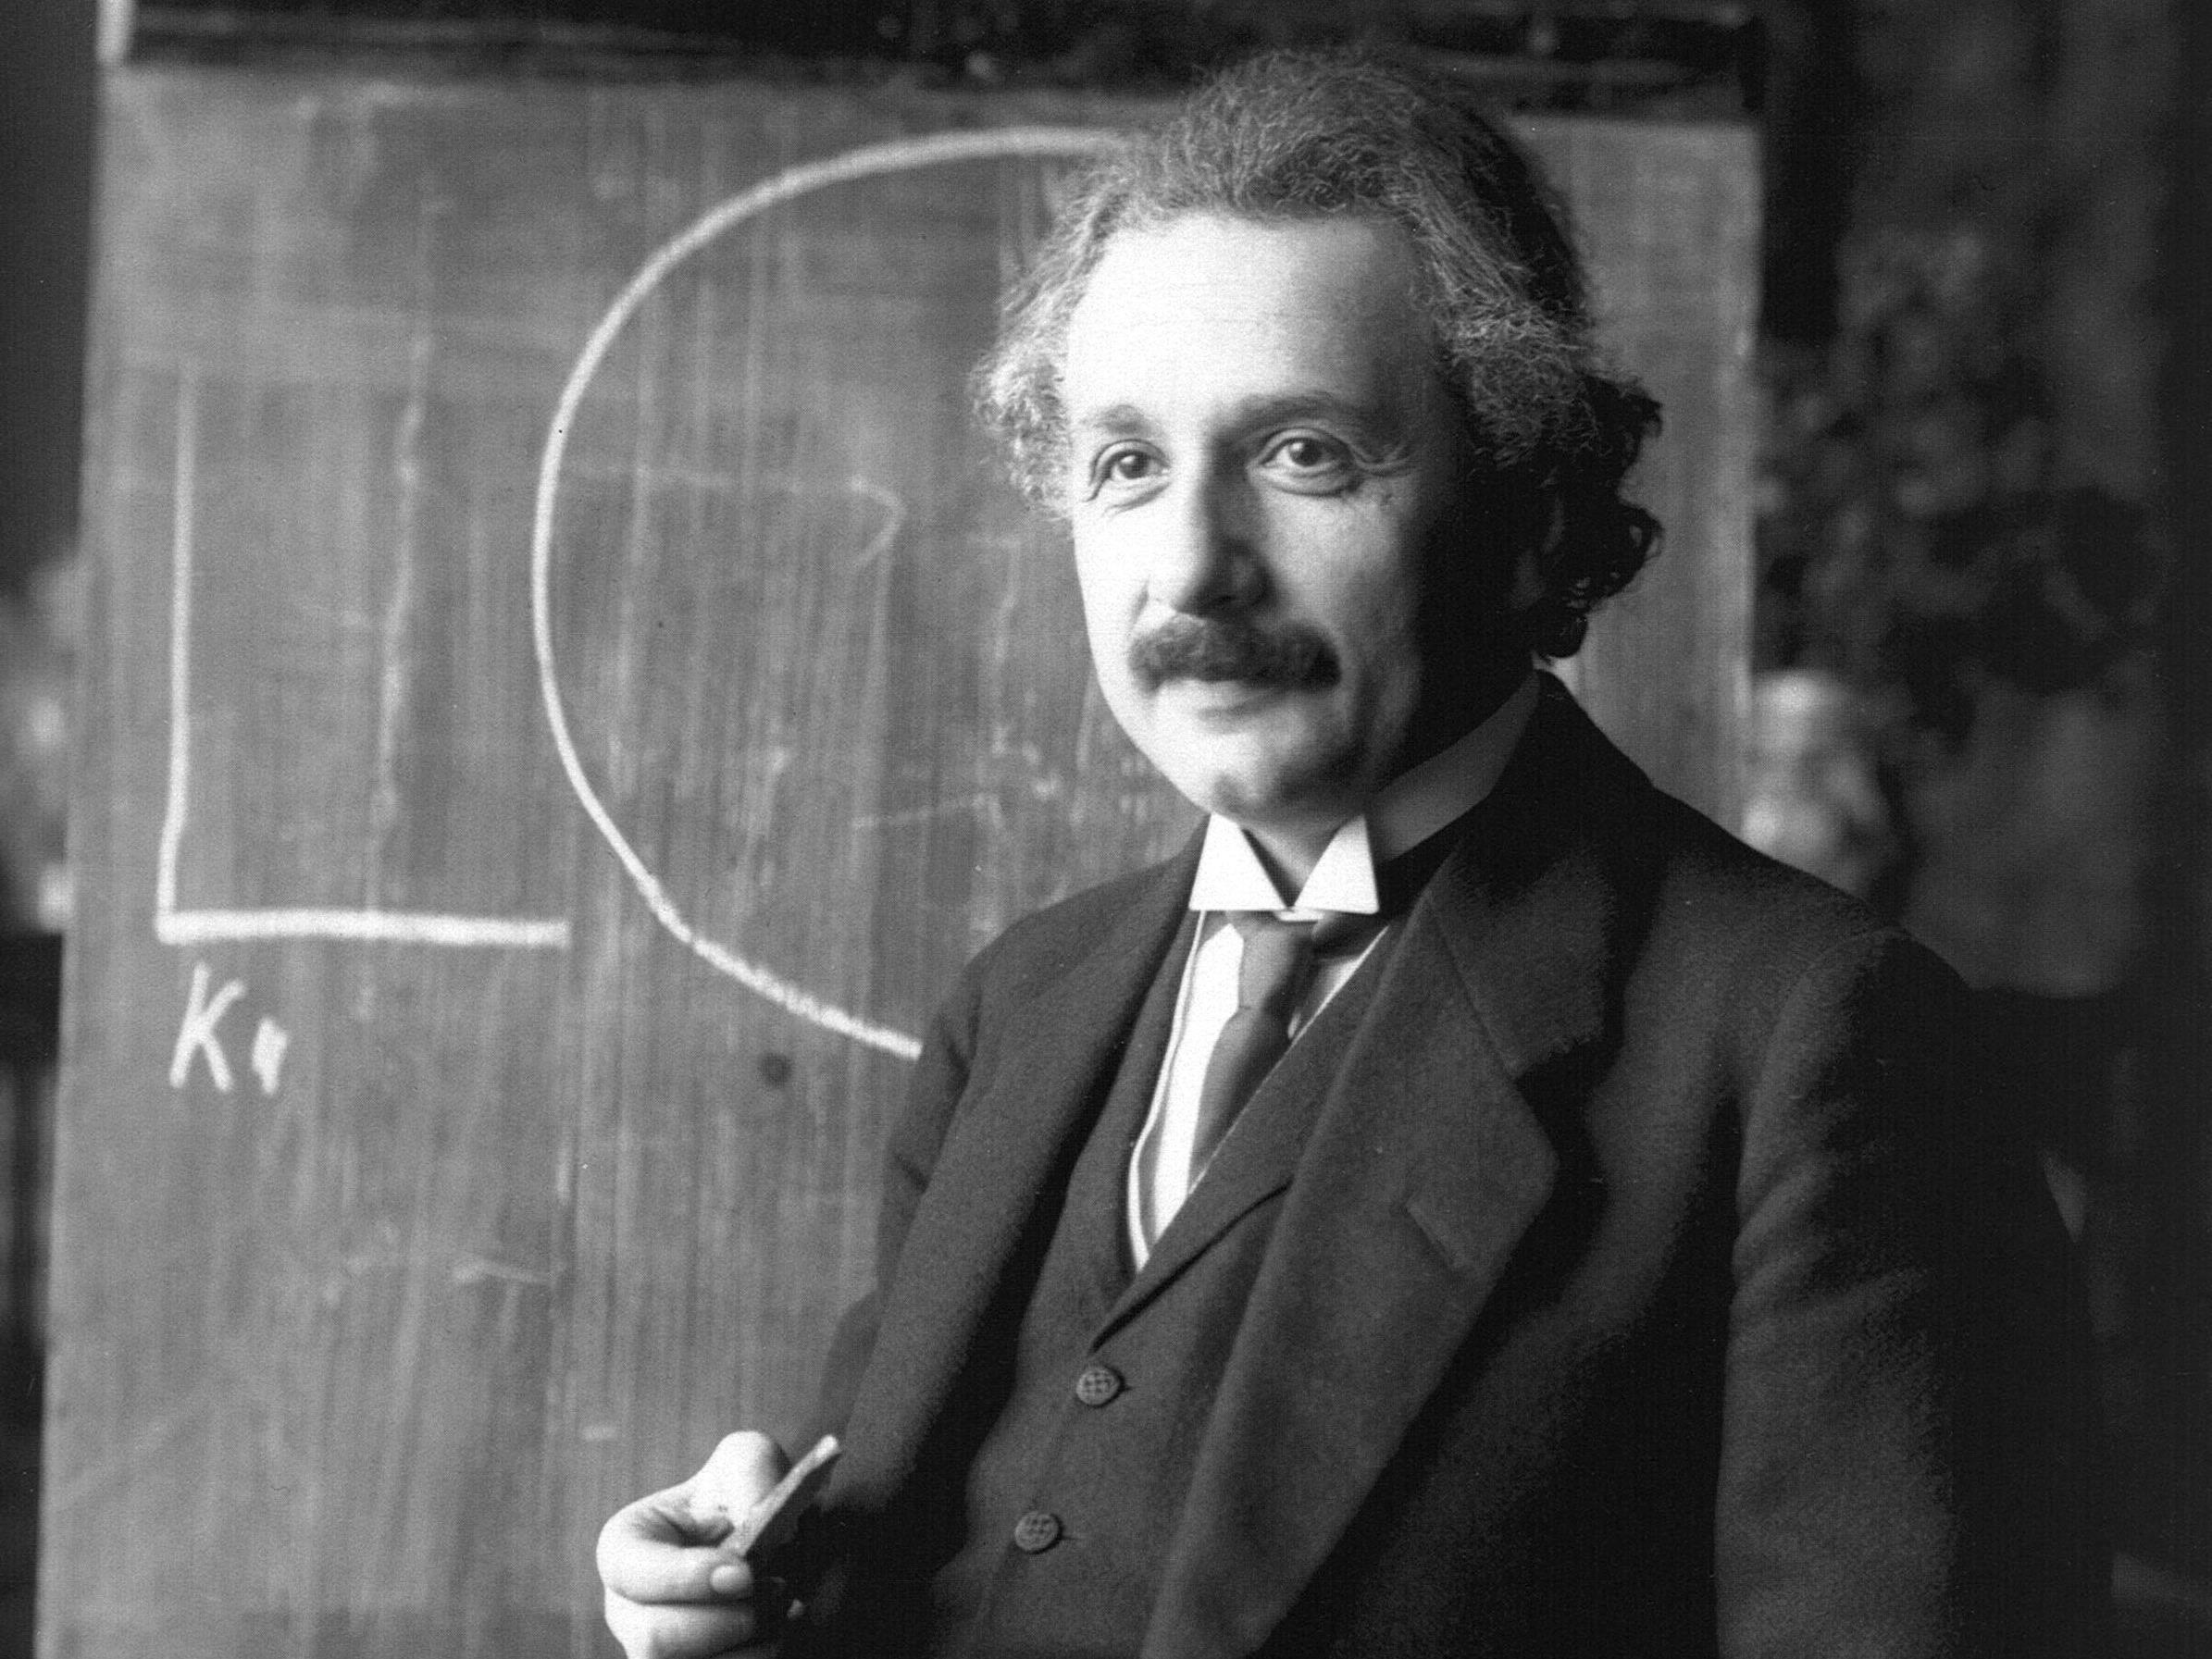 Mit seiner Allgemeinen Relativitätstheorie revolutionierte Einstein des Bild des Universums.